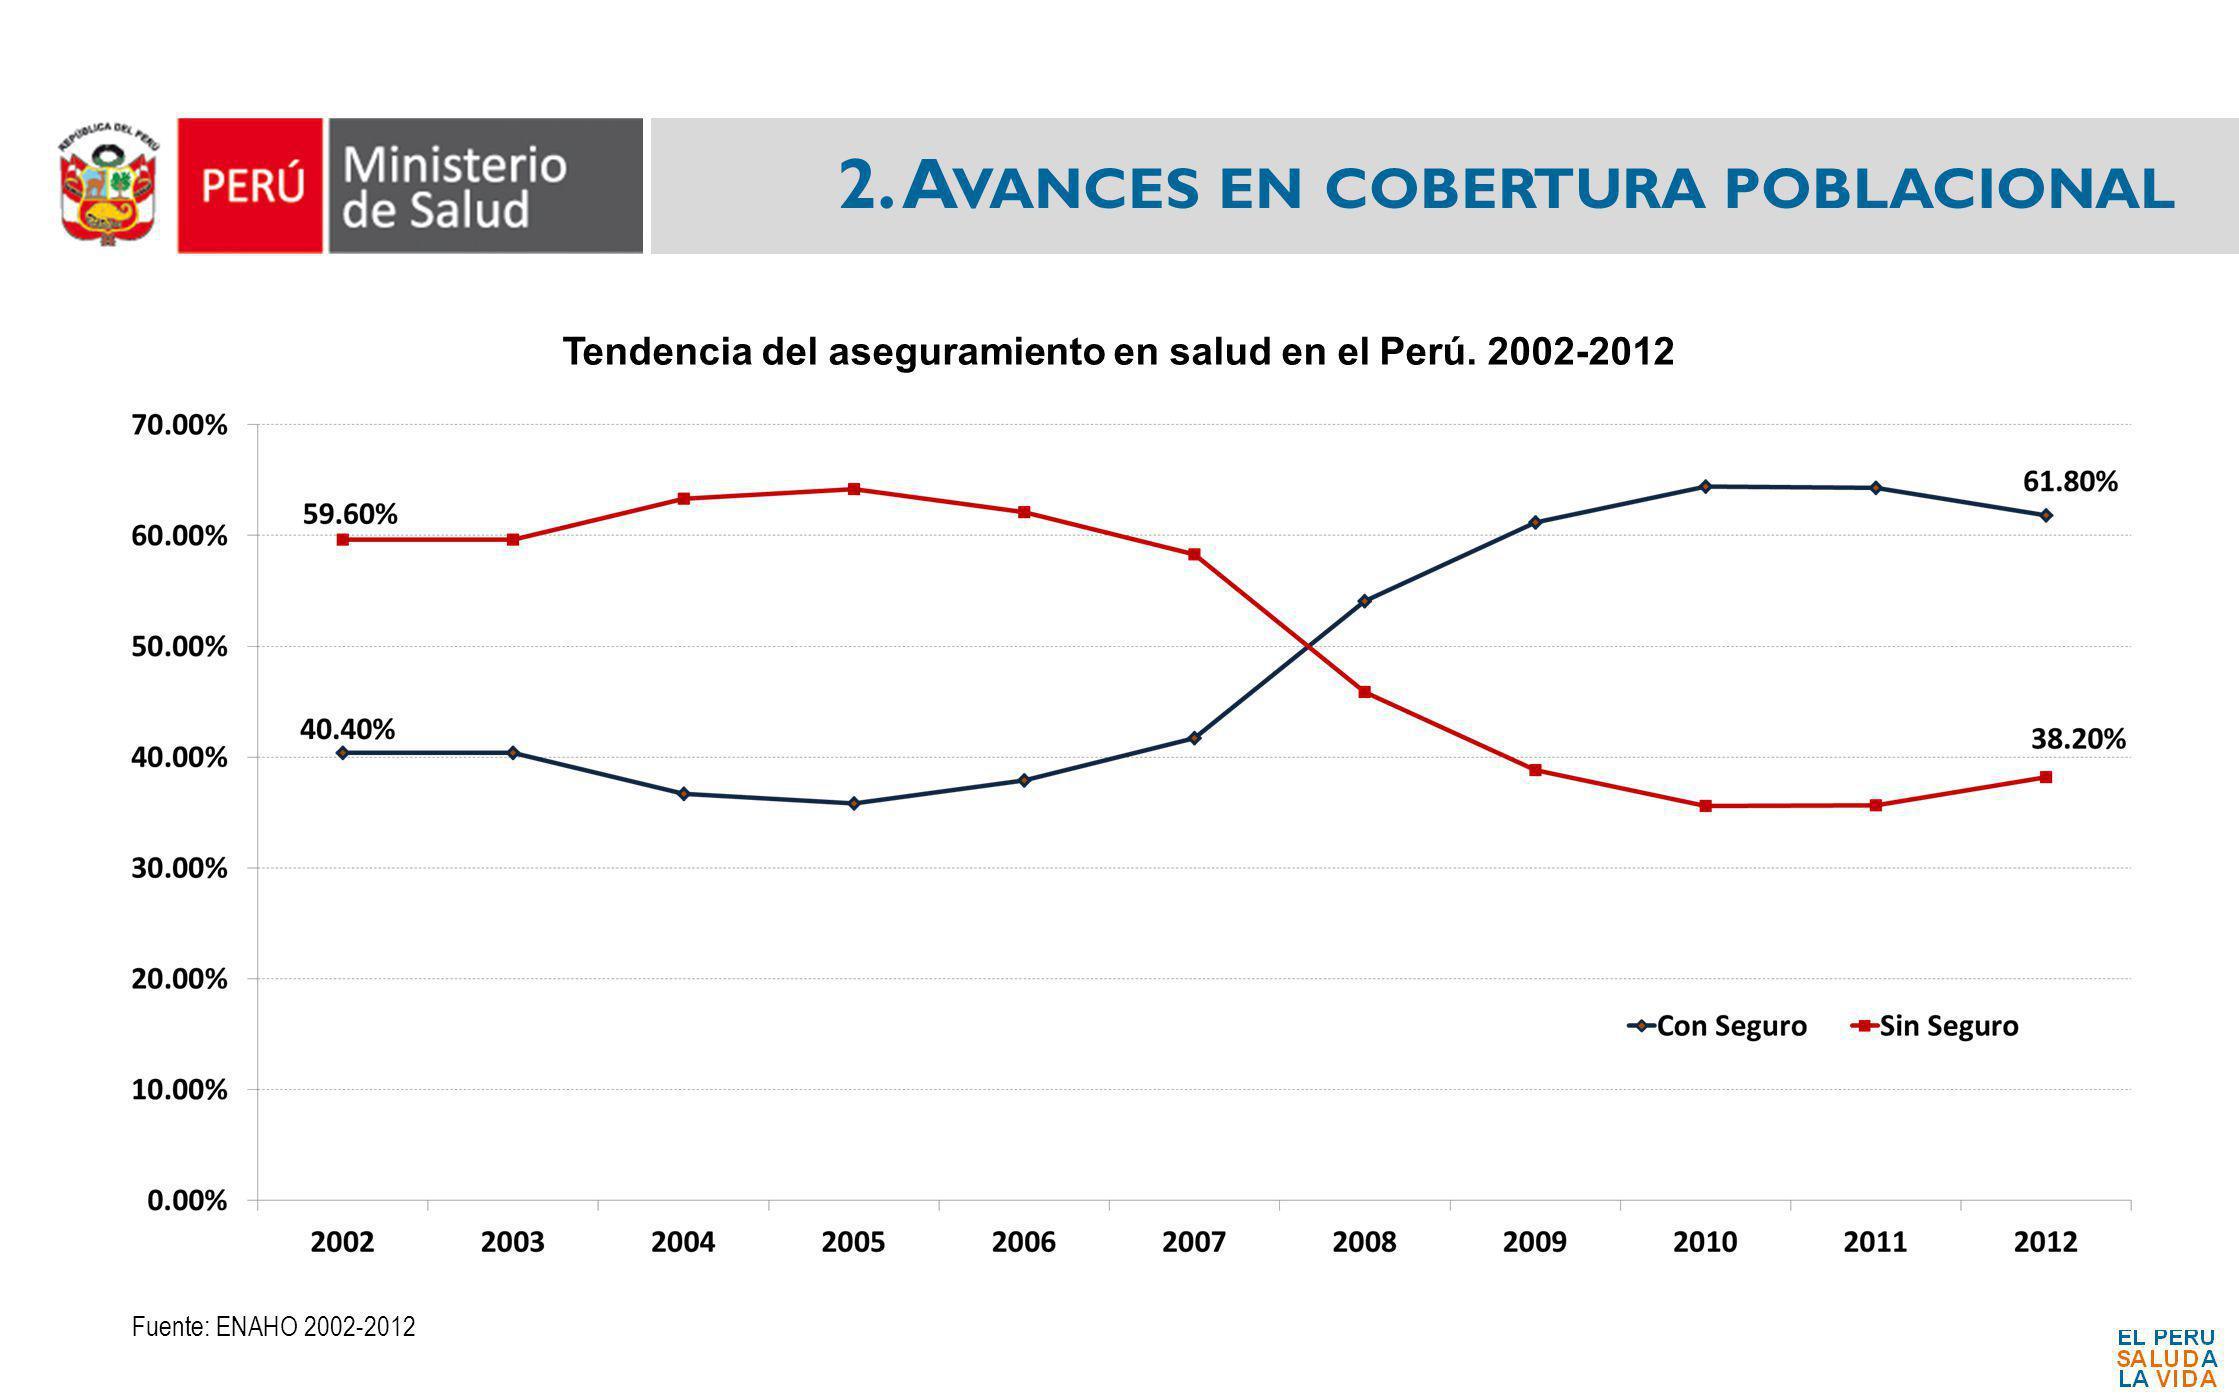 2. A VANCES EN COBERTURA POBLACIONAL Fuente: ENAHO 2002-2012 Tendencia del aseguramiento en salud en el Perú. 2002-2012